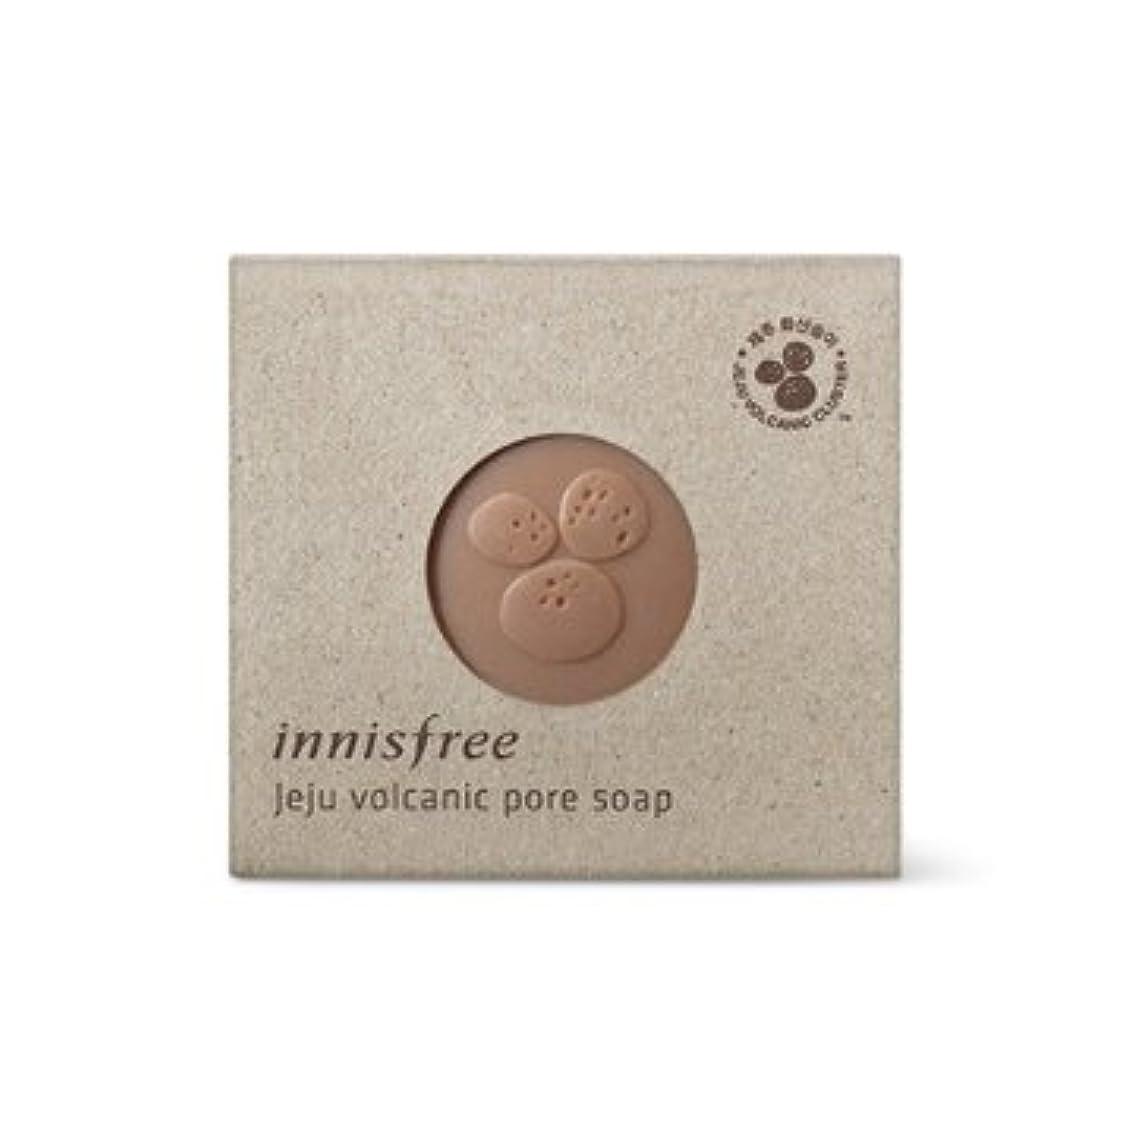 シミュレートする謝るおそらく【イニスフリー】Innisfree jeju volcanic pore soap - 100g (韓国直送品) (SHOPPINGINSTAGRAM)